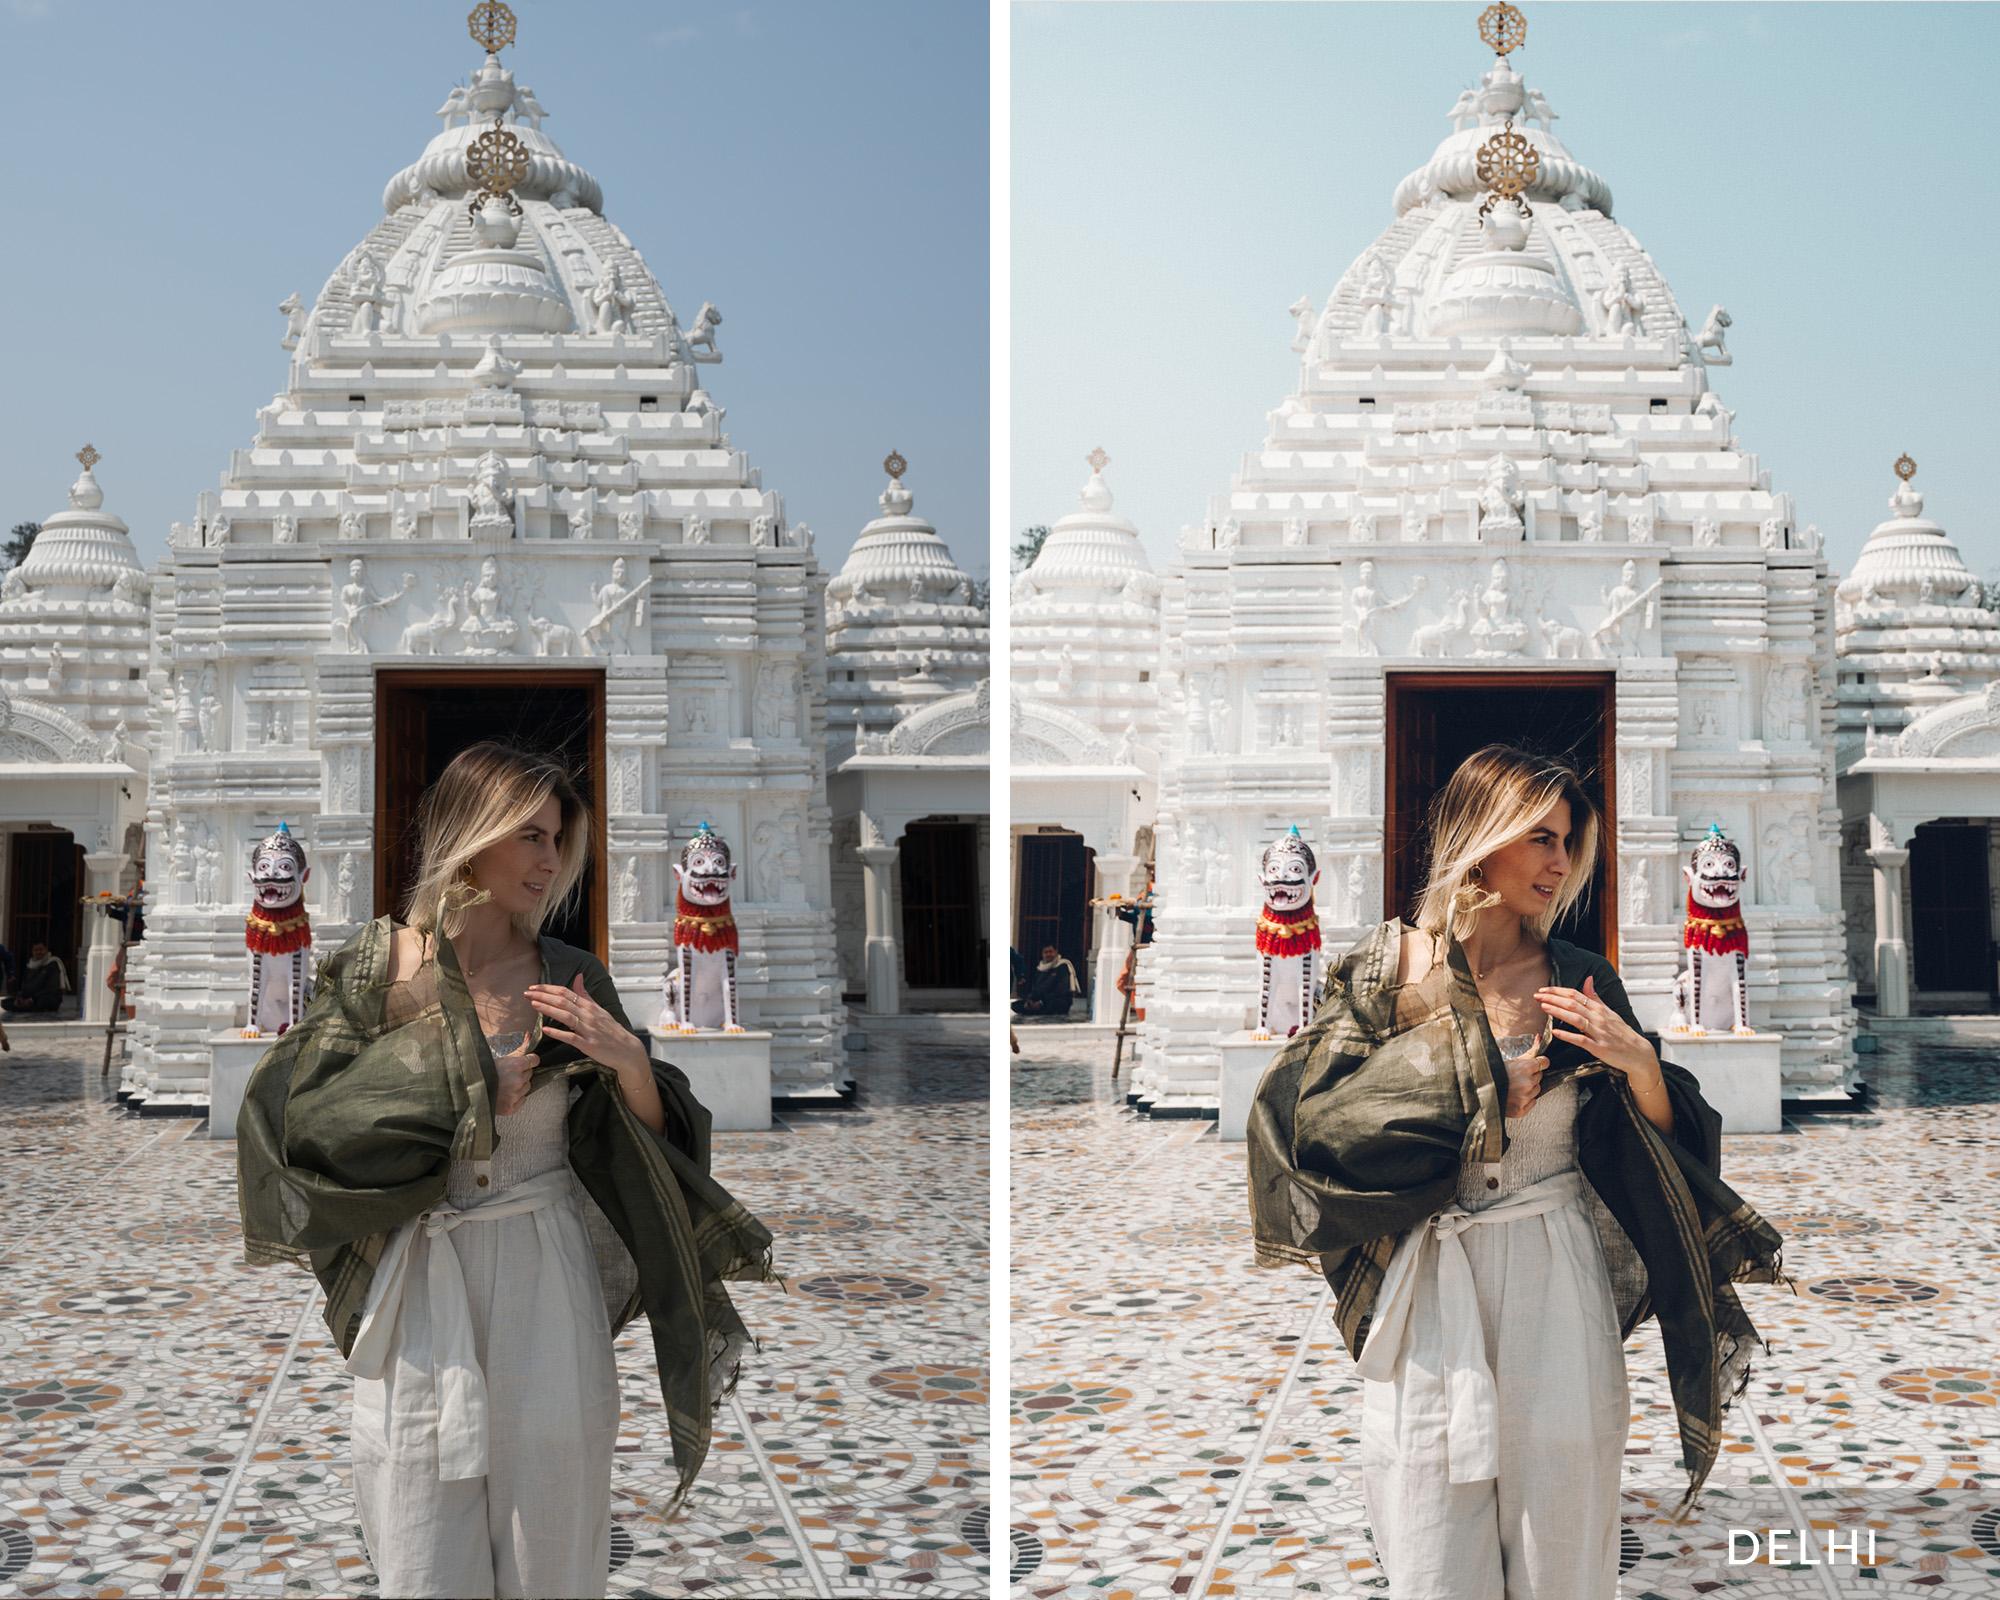 DELHI - Find Us Lost India Lightroom Desktop Preset Collection